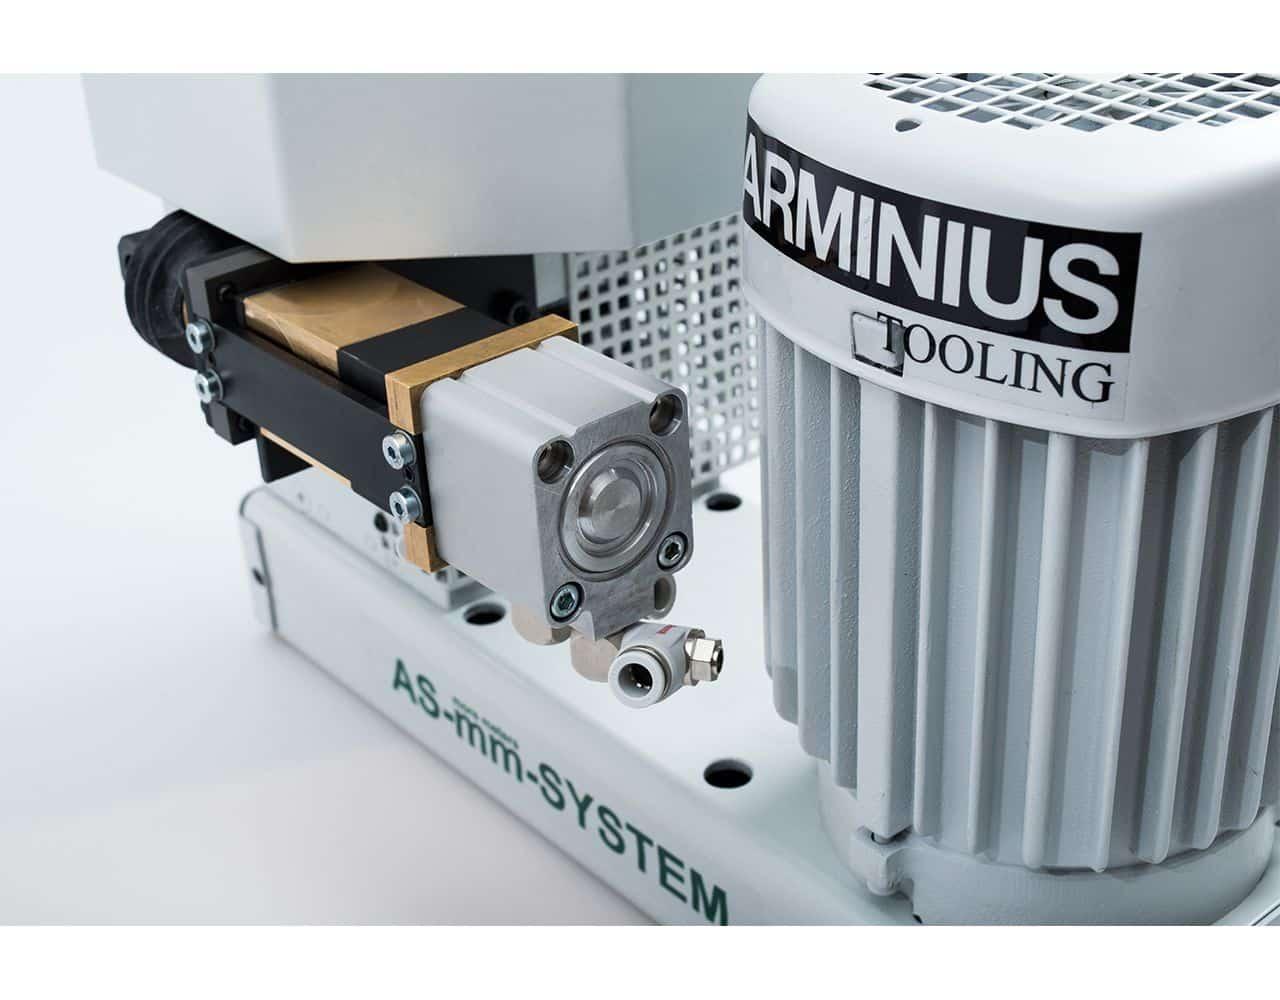 arminius-schleifmittel-start-produkte-aggregate-produkt-slider-3